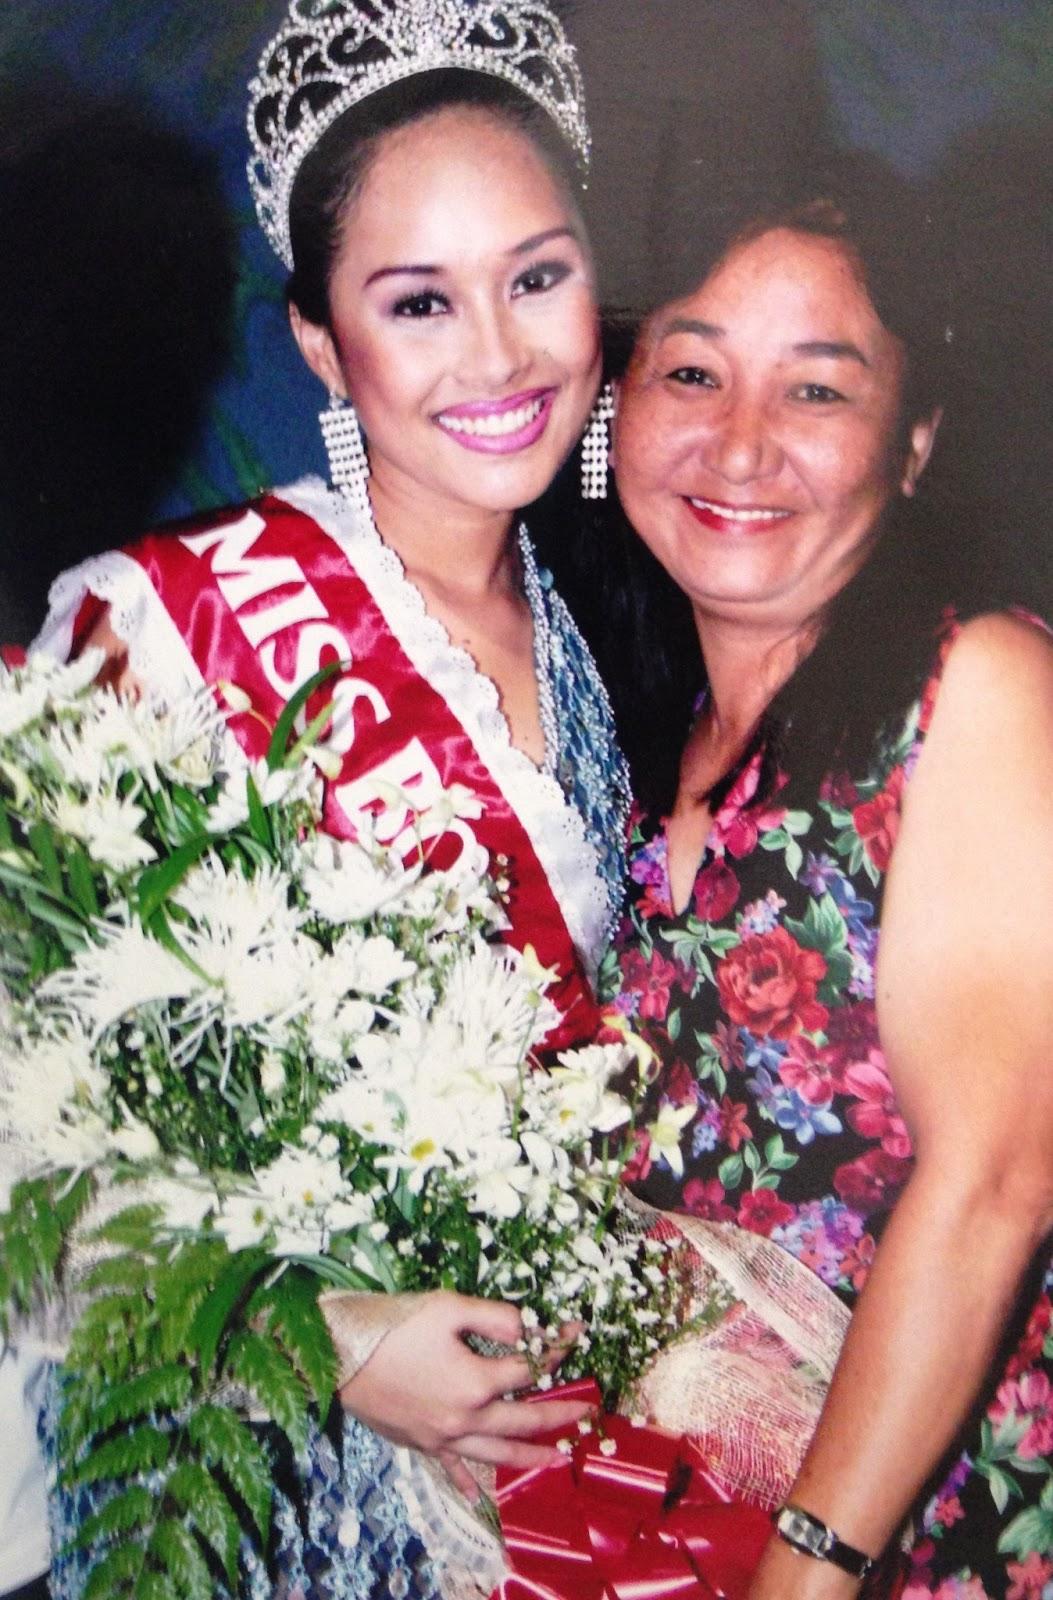 Bohol's Roving Eye: 2004 Miss Bohol Sandugo: Rhiz Nova Arenas